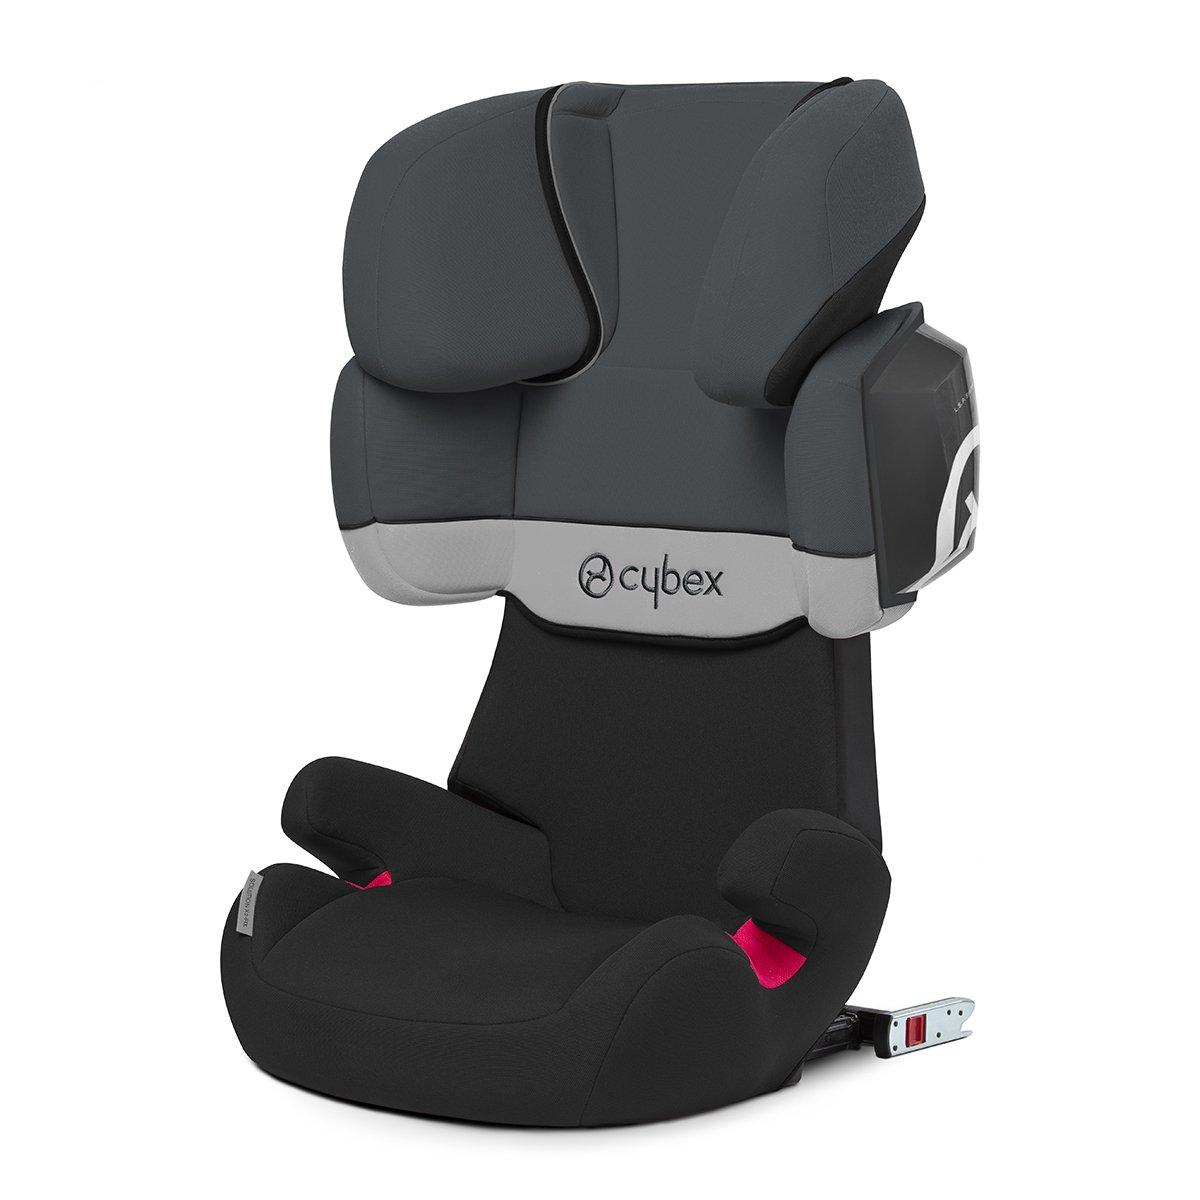 Cybex Silver - Silla de coche para niños solution x2-fix, para coches con y sin isofix, grupo 2/3 (15-36 kg), desde los 3 hasta los 12 años aprox